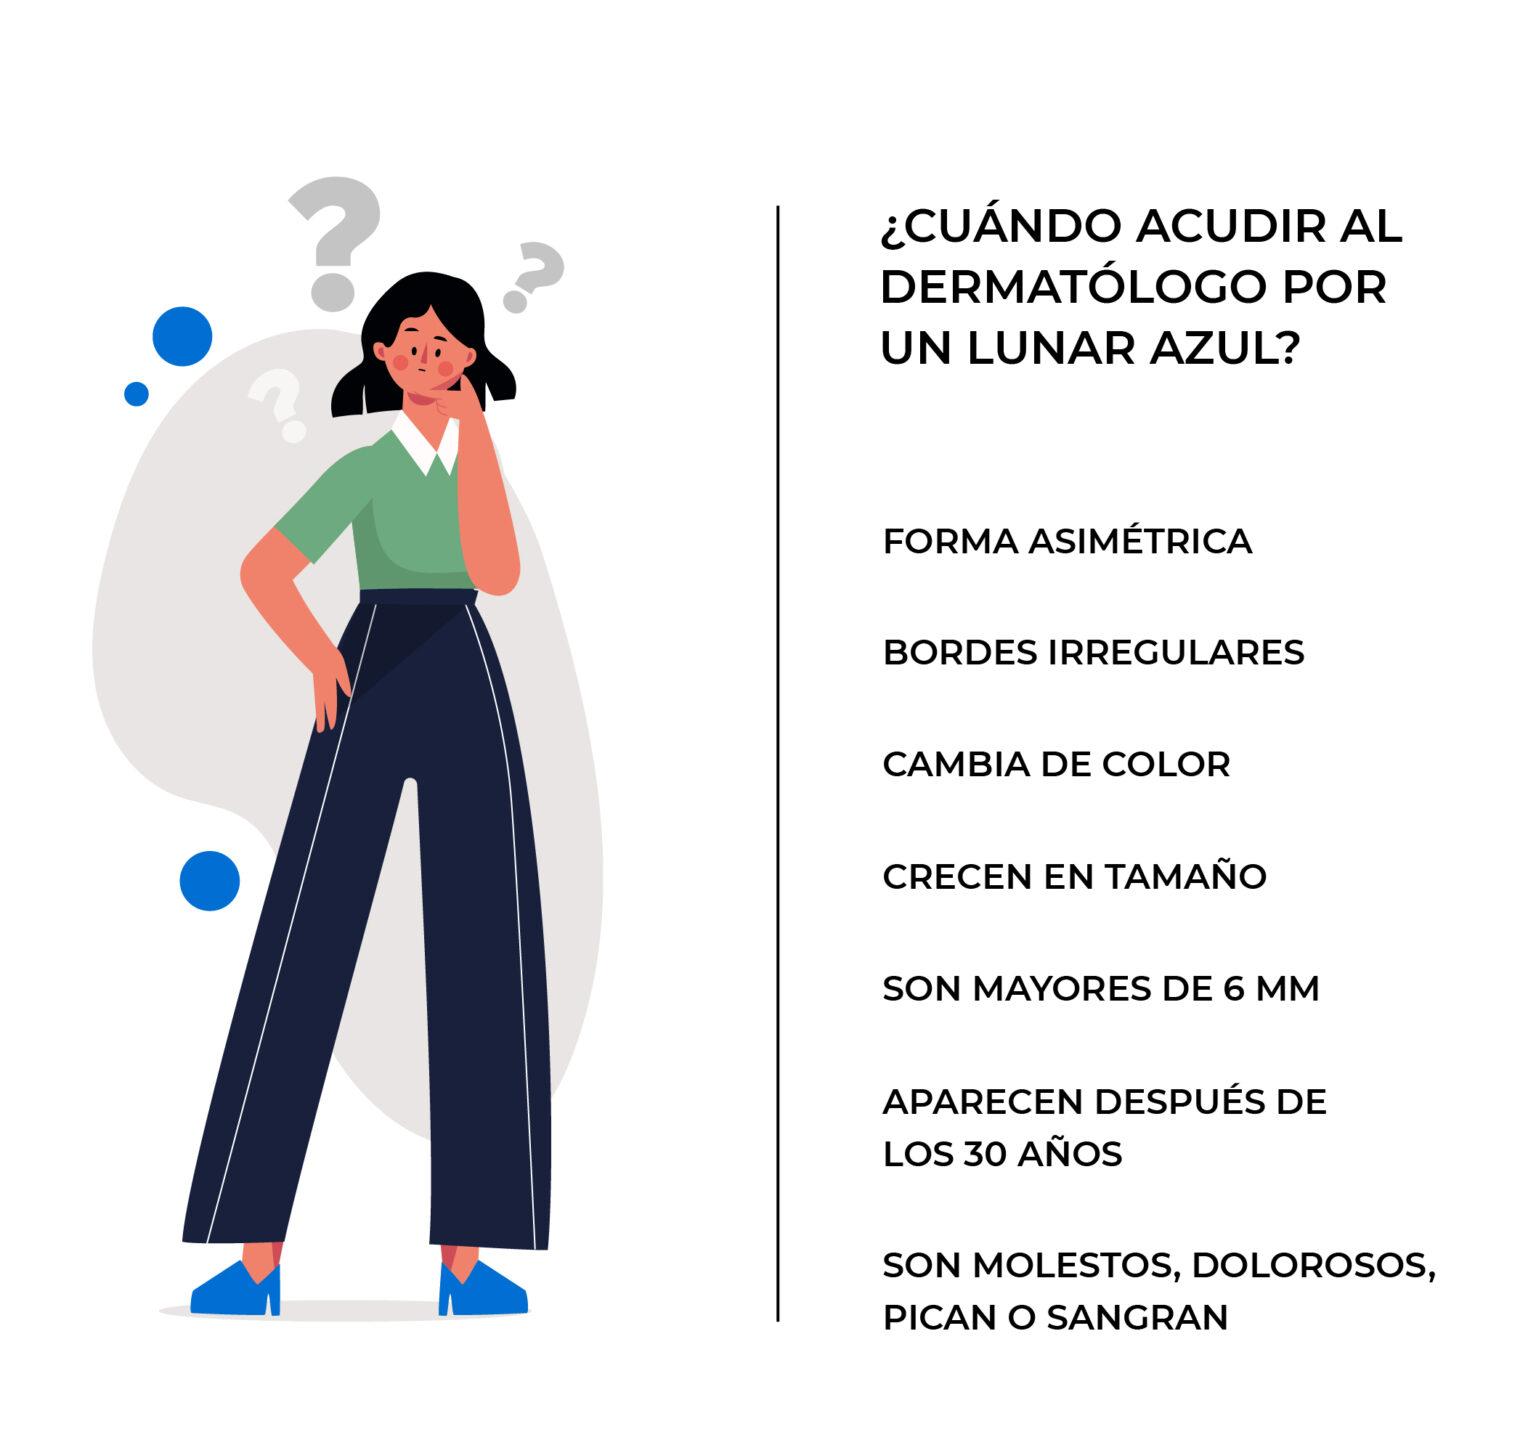 Signos más importantes para acudir al dermatólogo si tienes un lunar azul